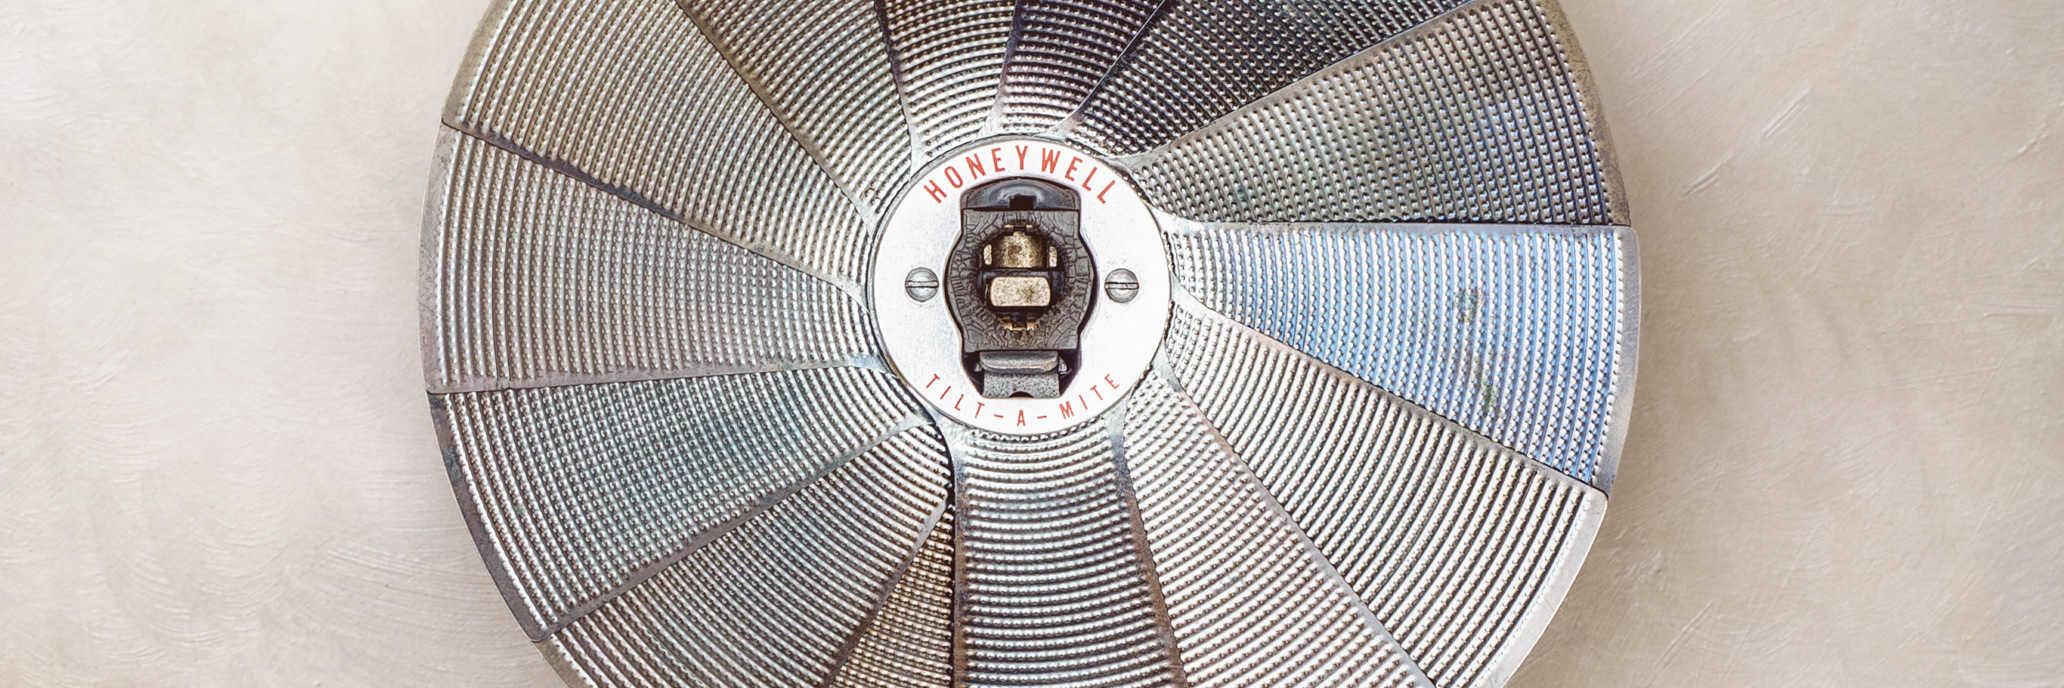 Honeywell Tilt-A-Mite